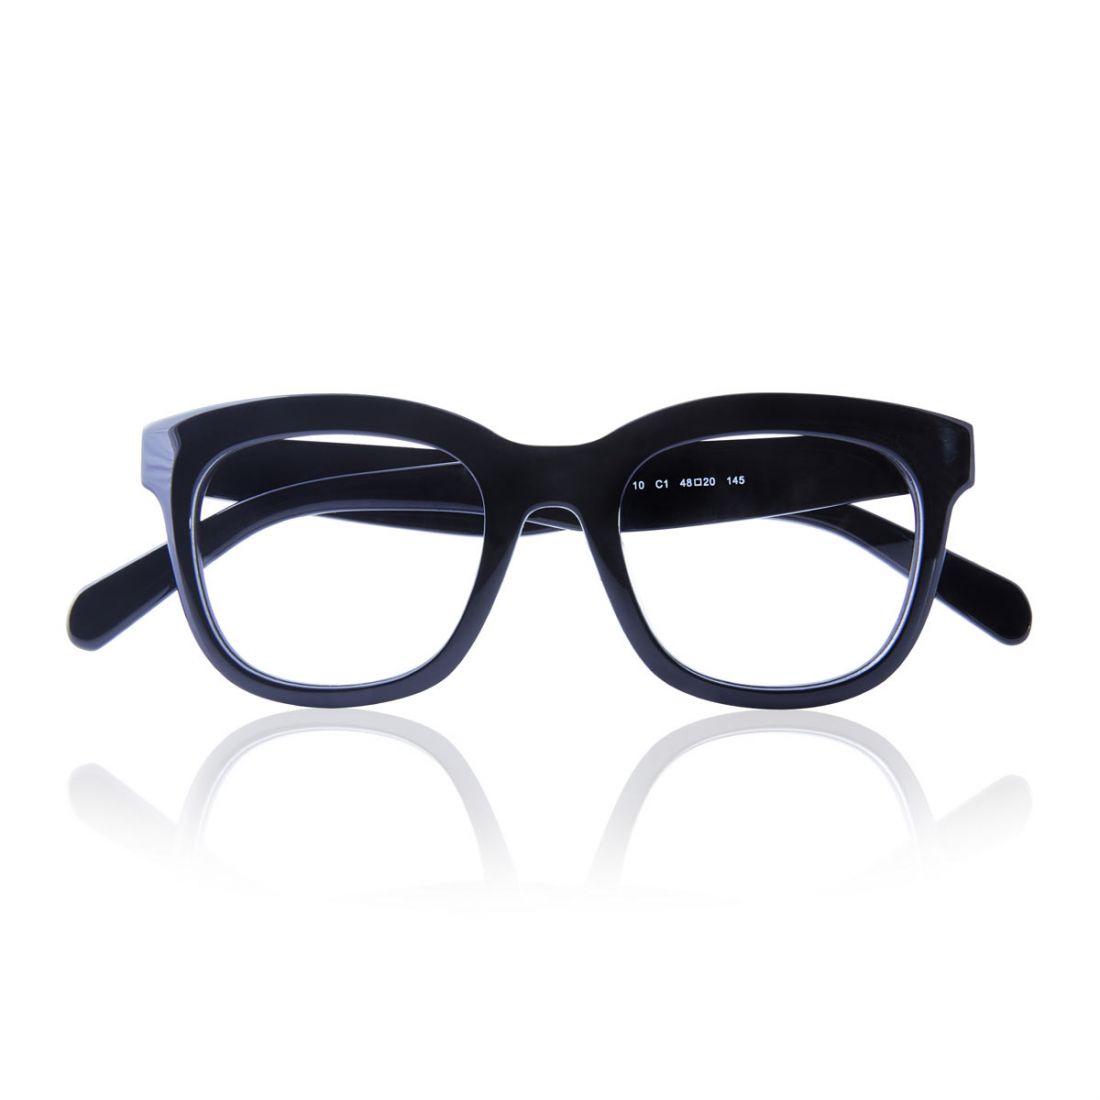 Glasses Acetate Frame Black And Havana Color For